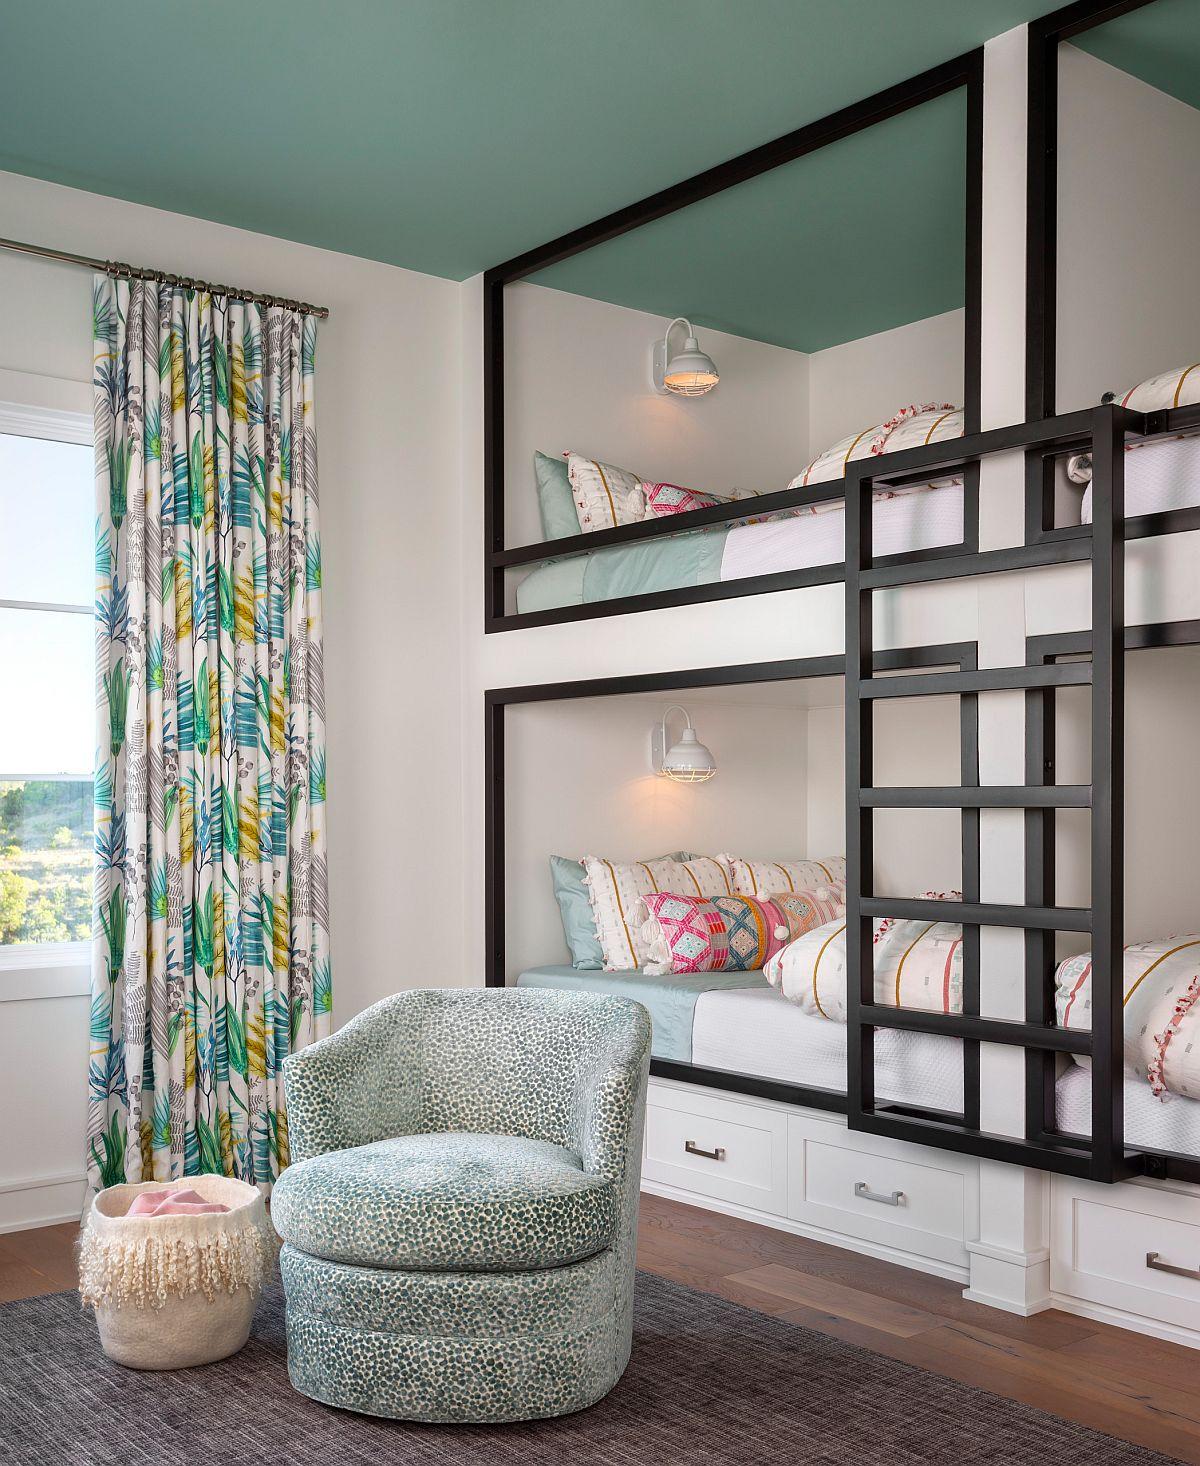 Phòng ngủ của bé, những xu hướng màu sắc và phong cách thời thượng của năm 2021 - Ảnh 5.